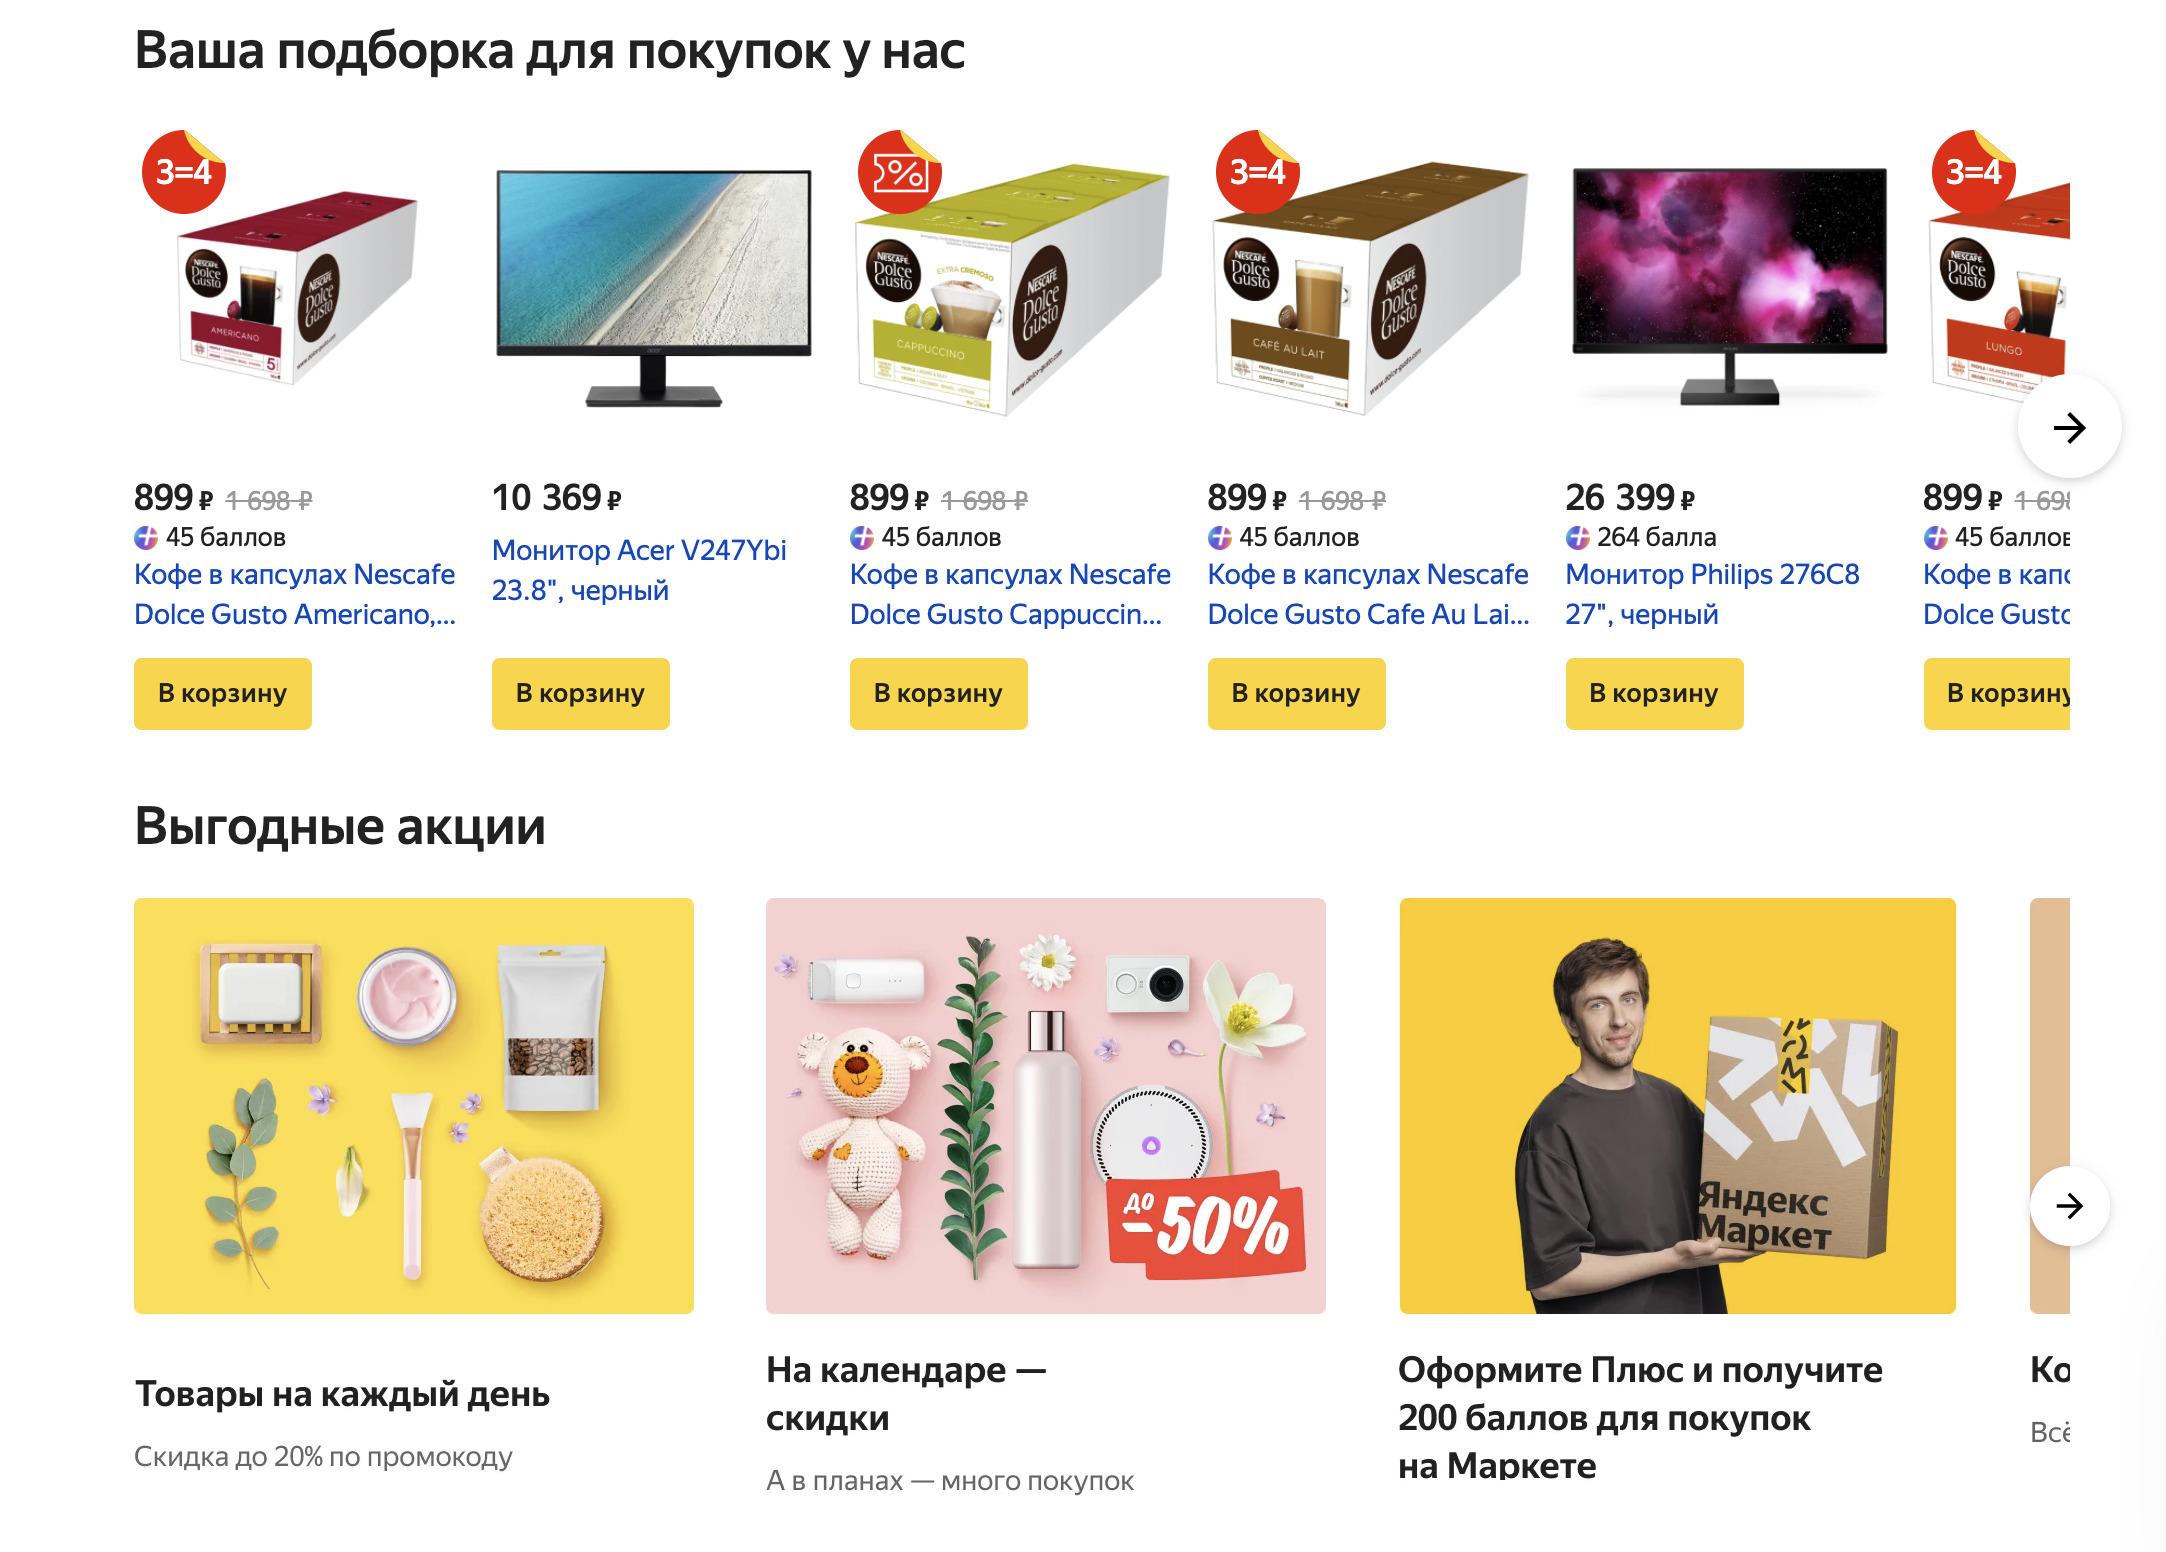 Доставка из Яндекс.Маркет в Лесосибирск, сроки, пункты выдачи, каталог